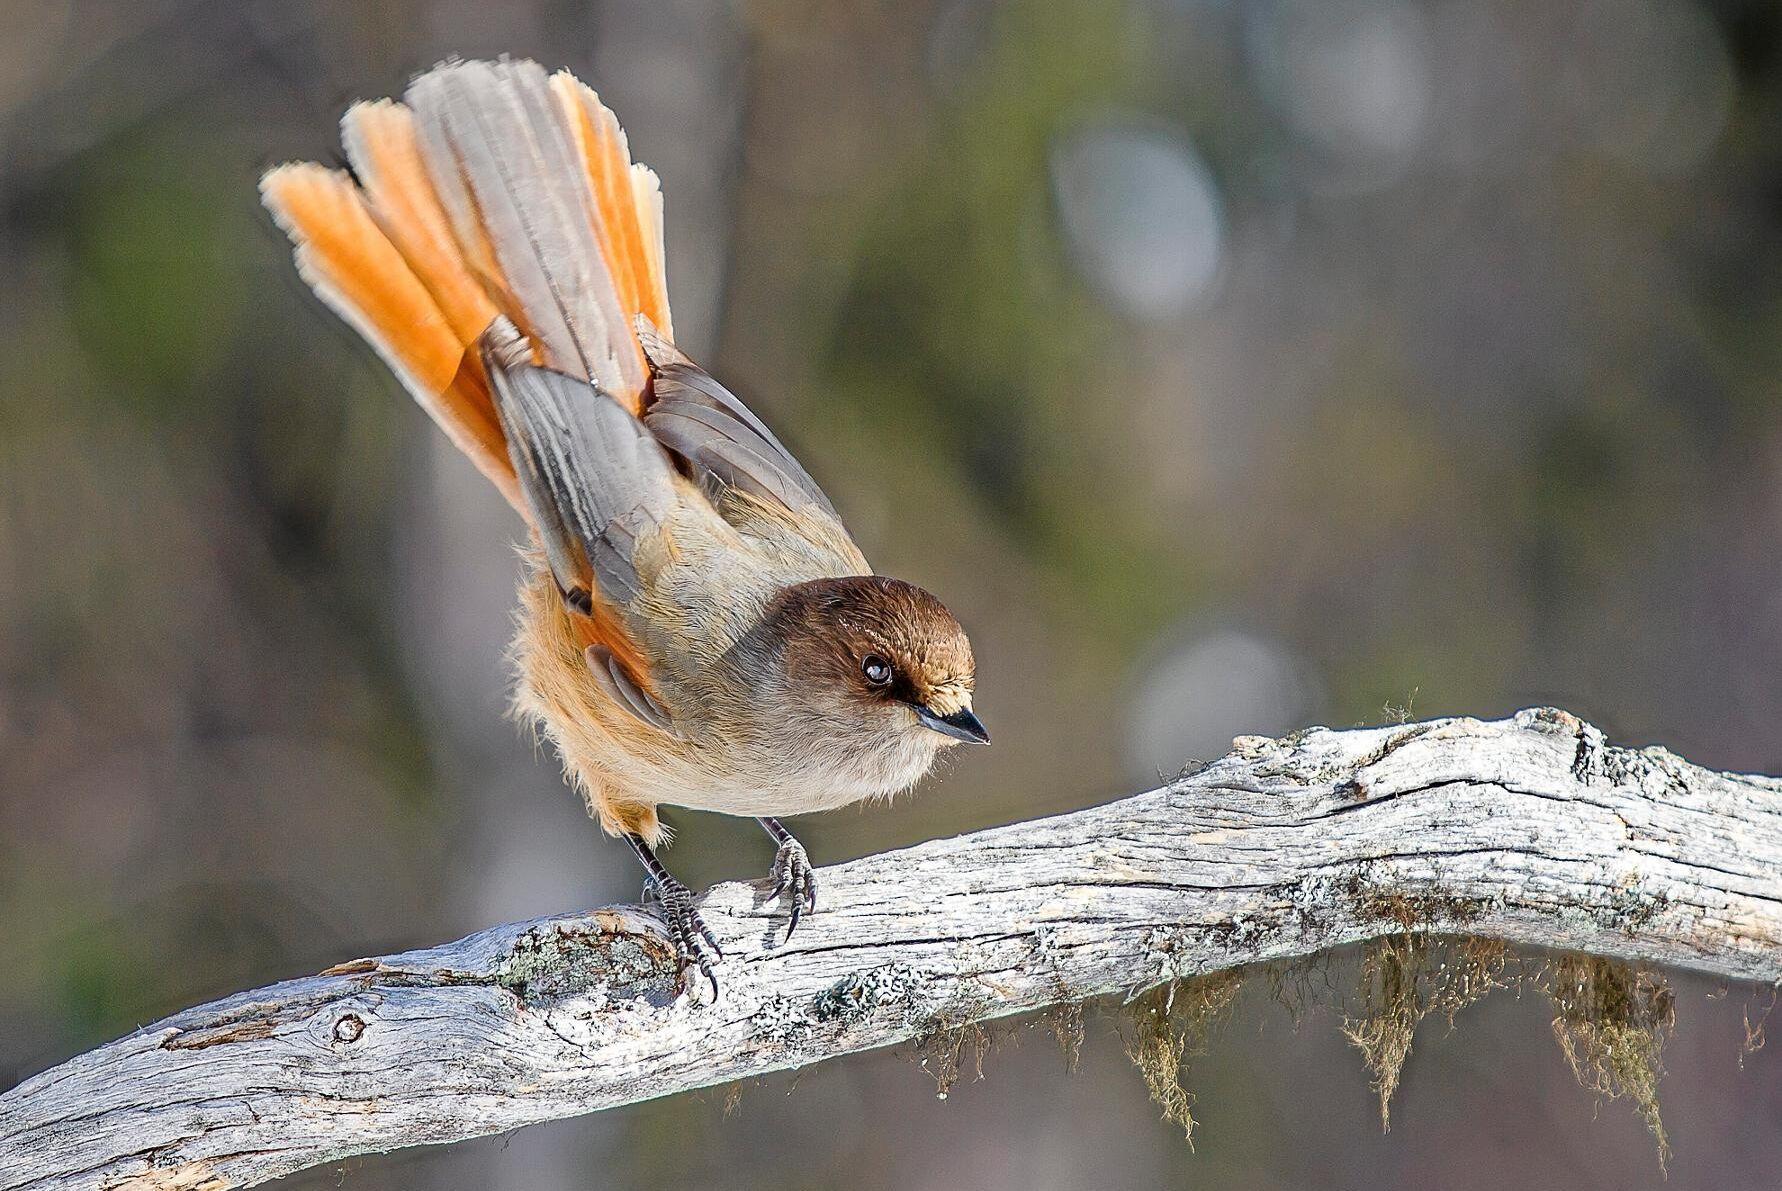 Lavskrikan är en liten kråkfågel som trivs bäst i lavklädd barrskog. Utbredningsområdet är från Norge till östra Sibirien.